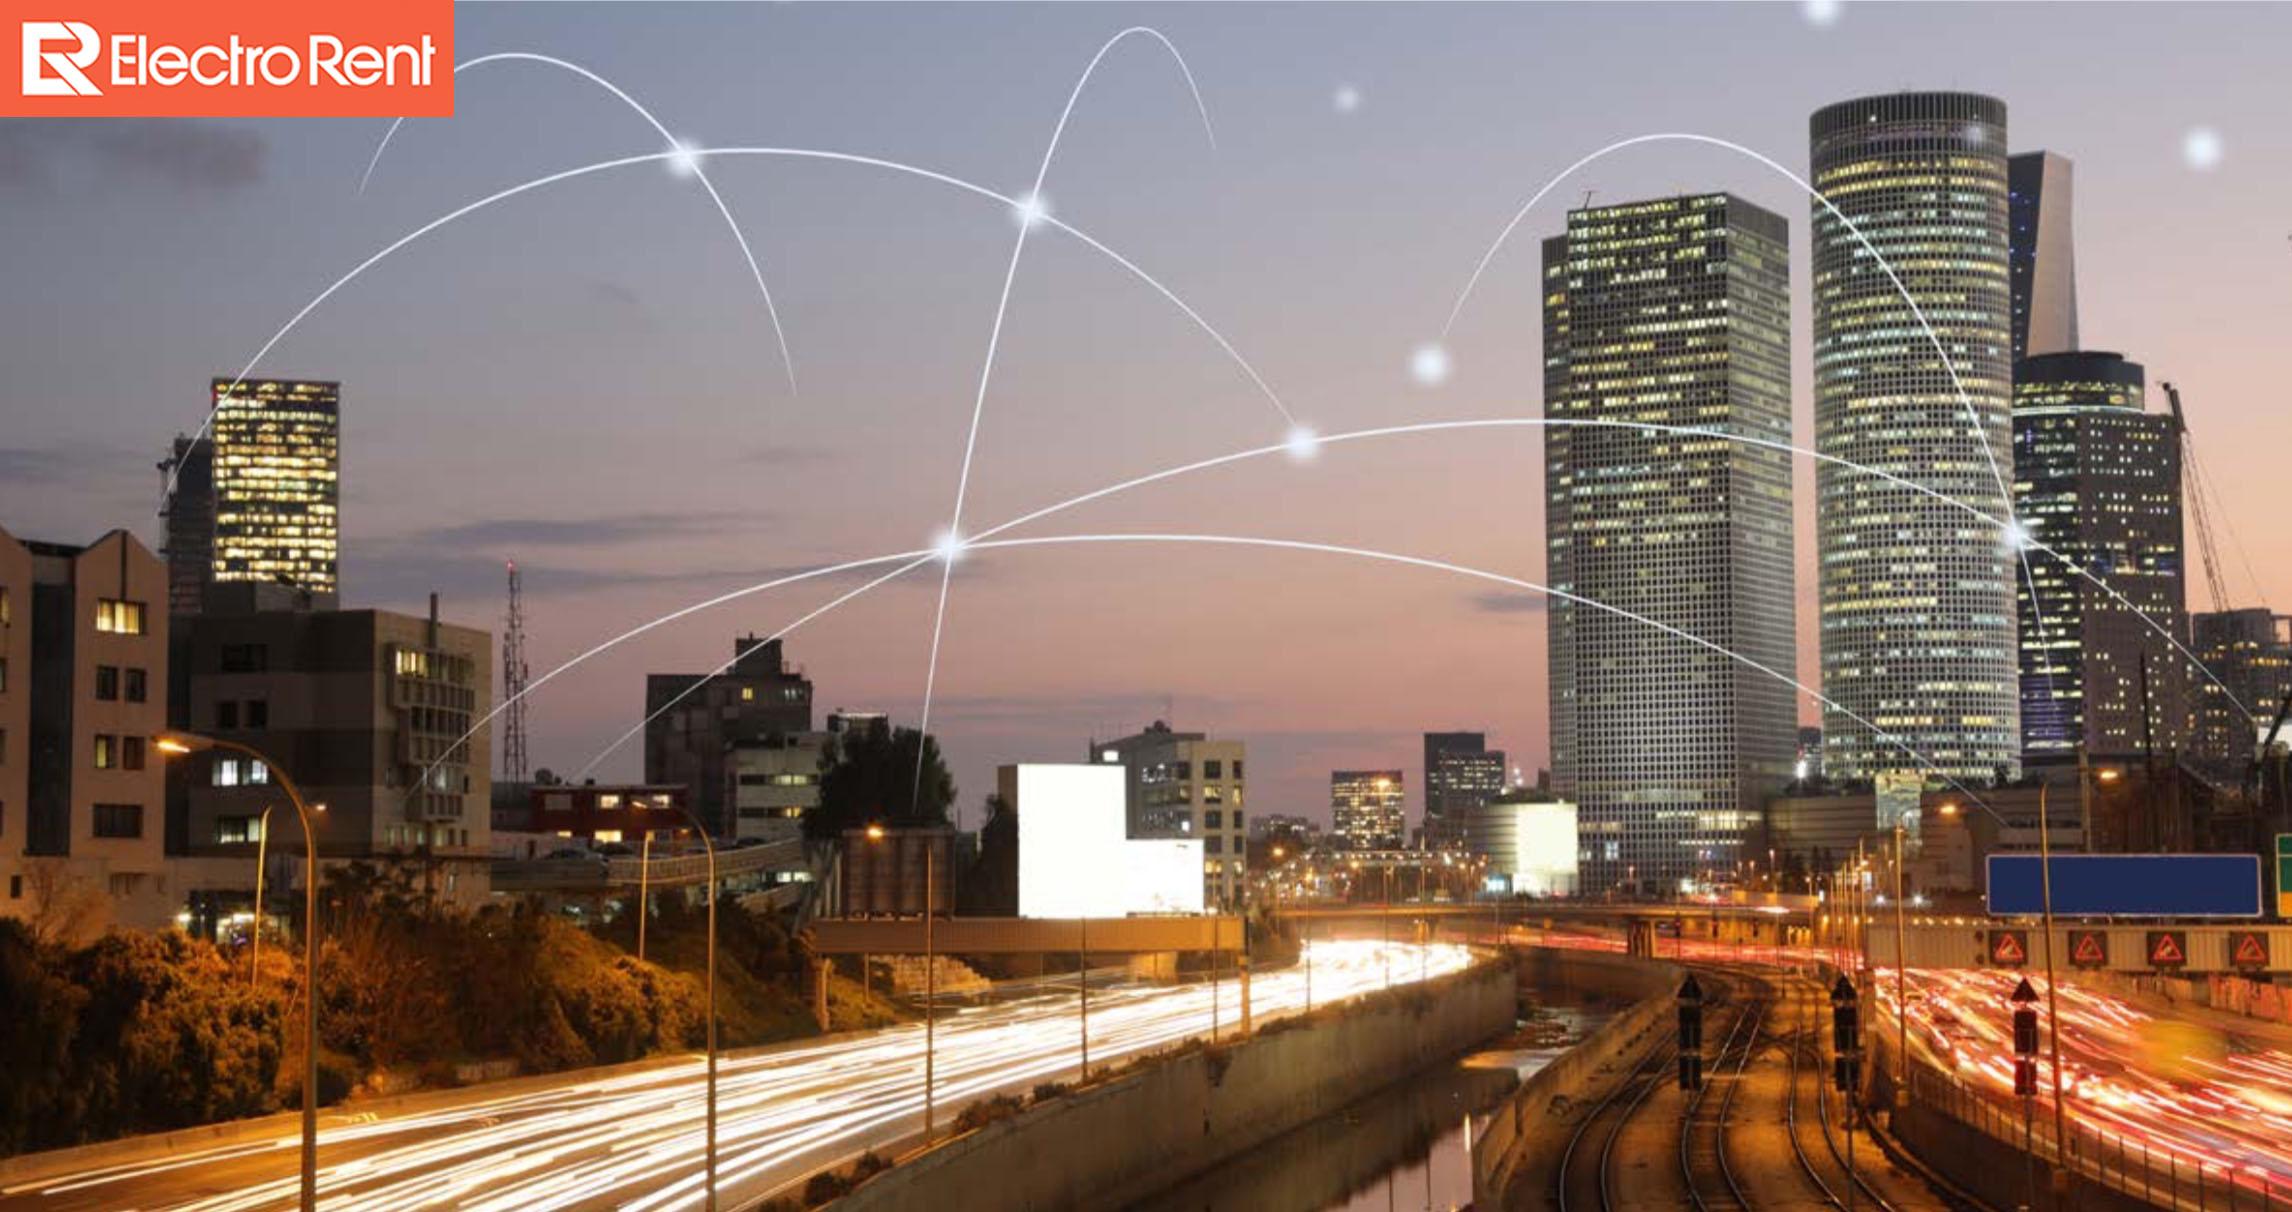 益莱储5G测试解决方案